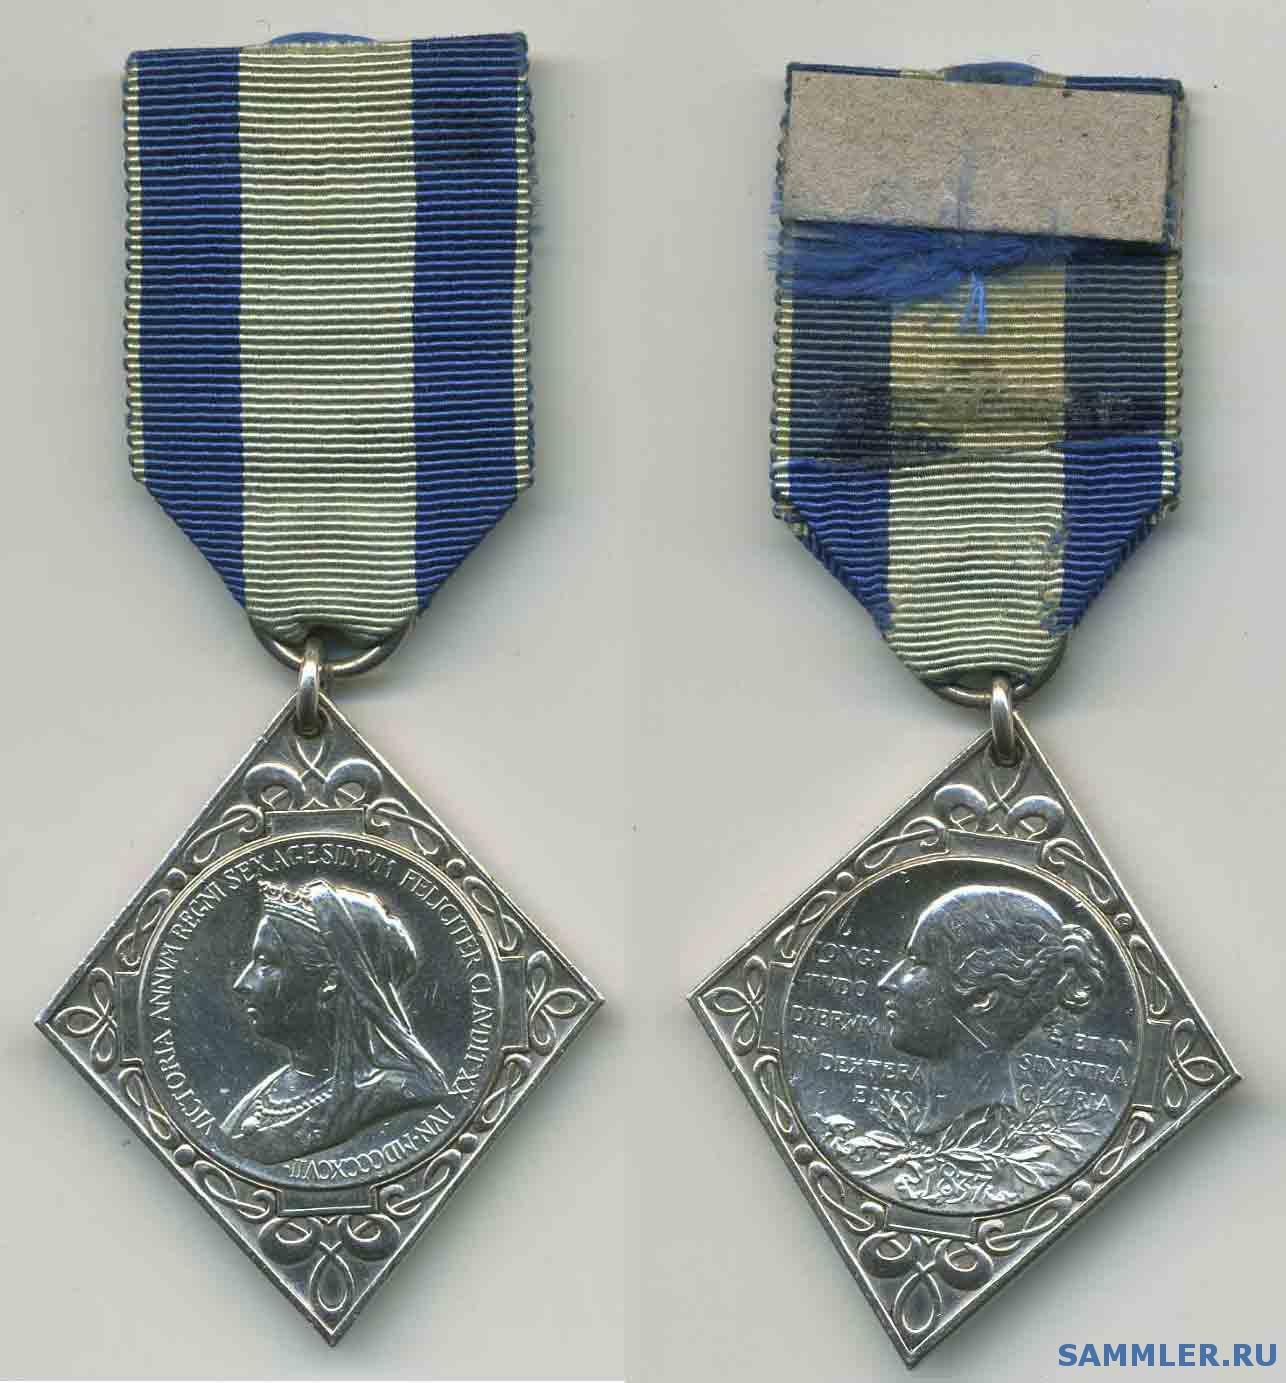 Jubilee_Medal_Mayors___Provosts_1897.jpg